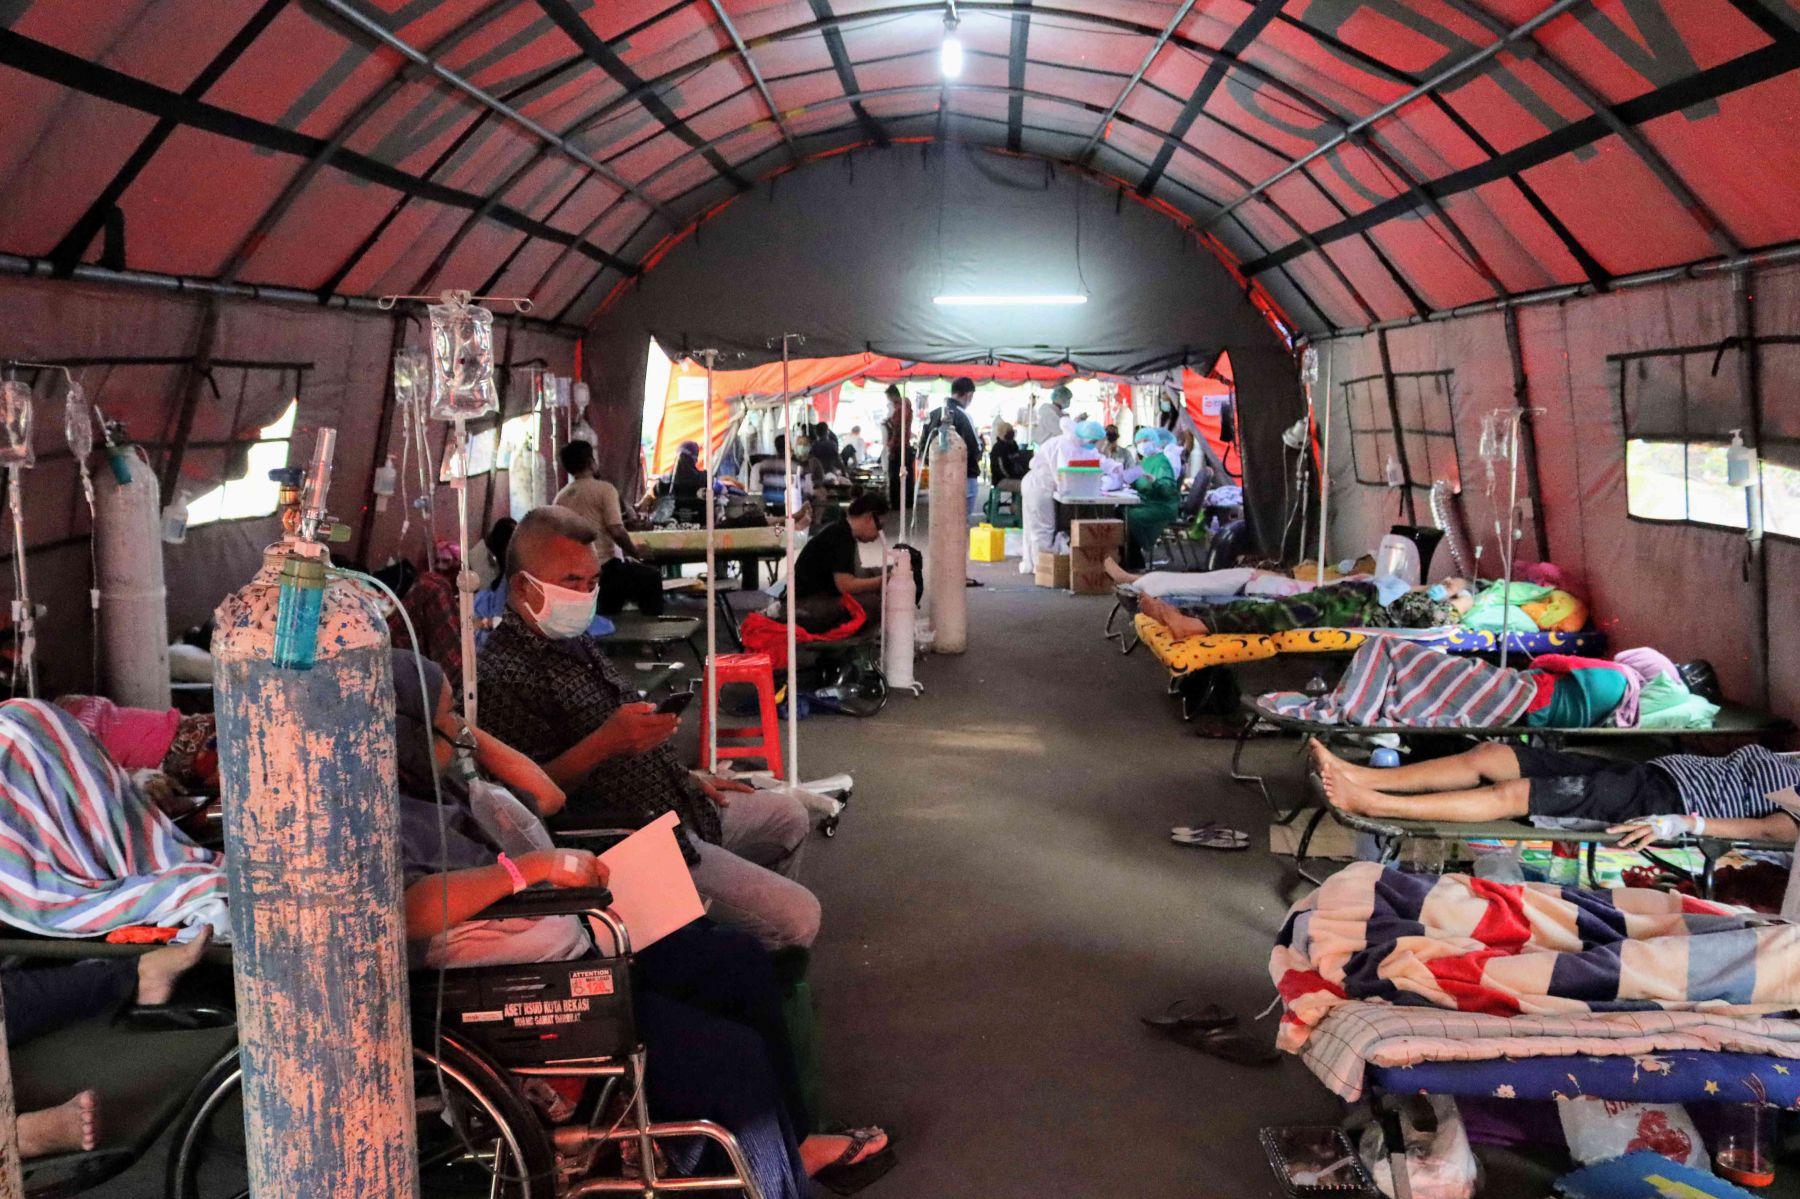 Bed Ocupancy Rate (BOR) Rumah Sakit di Jakarta Pusat Mencapai 93% (Foto Media Indonesia)